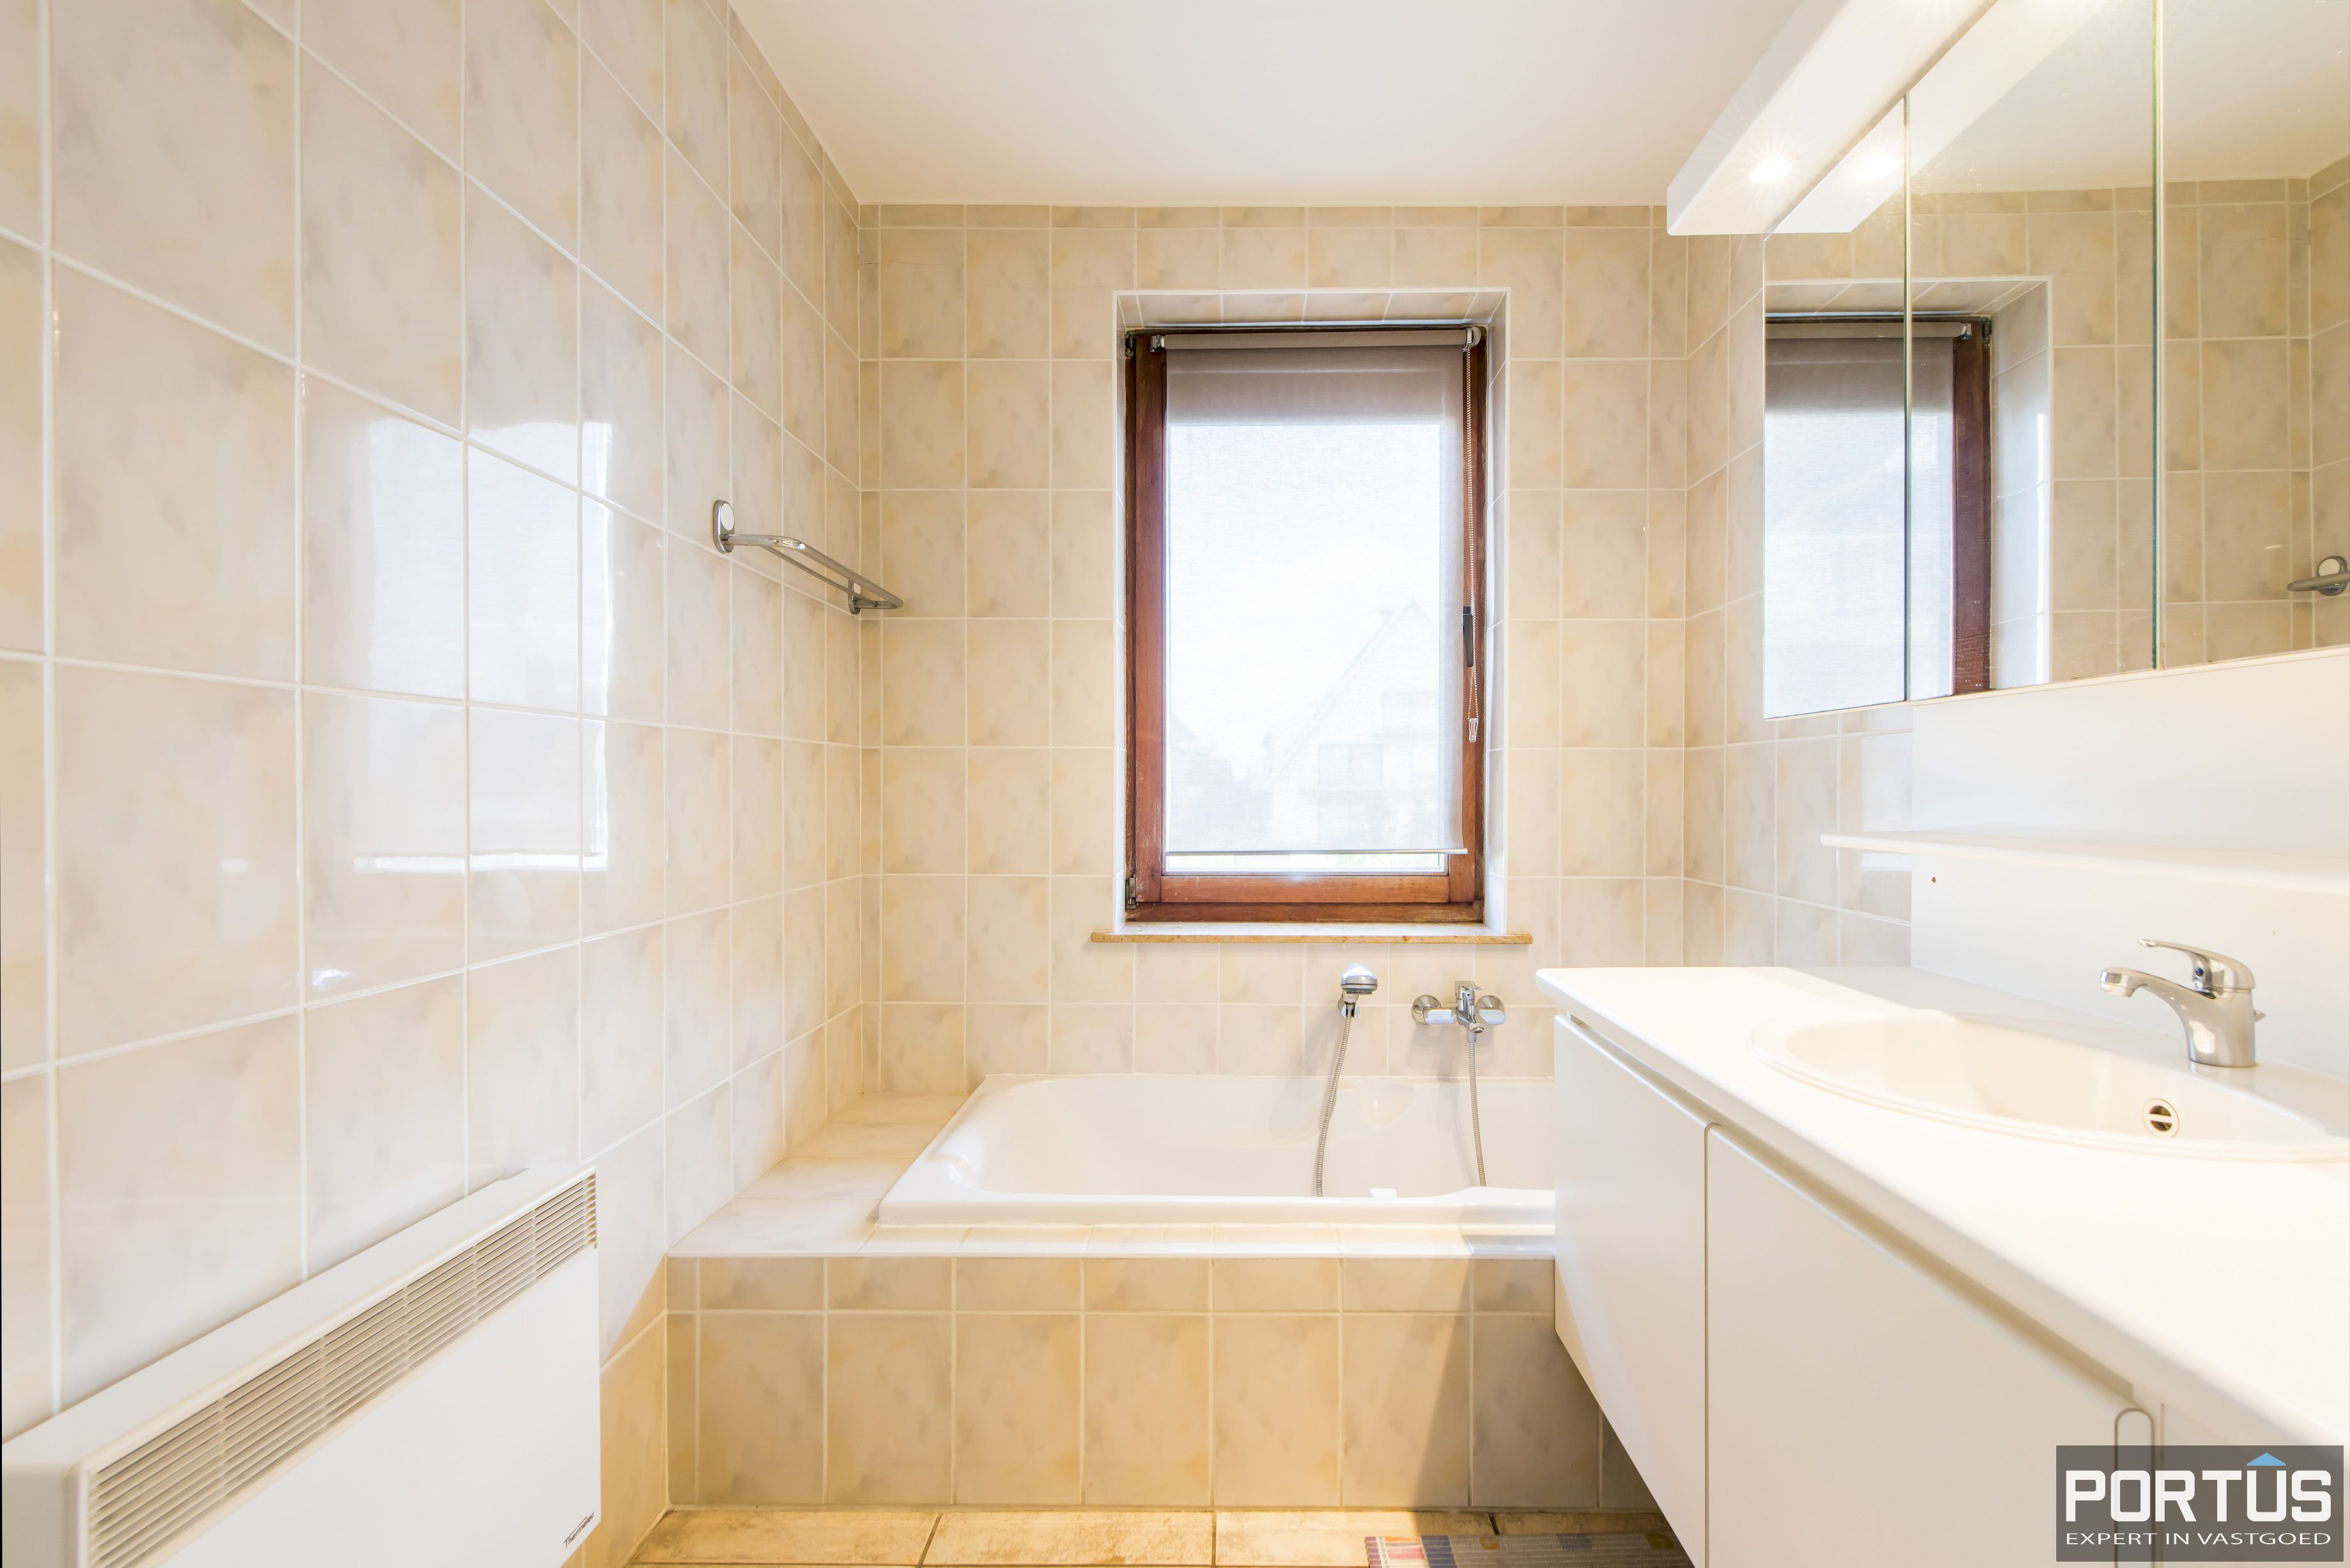 Zongericht en rustig gelegen appartement met 3 slaapkamers te koop te Oostduinkerke - 10691